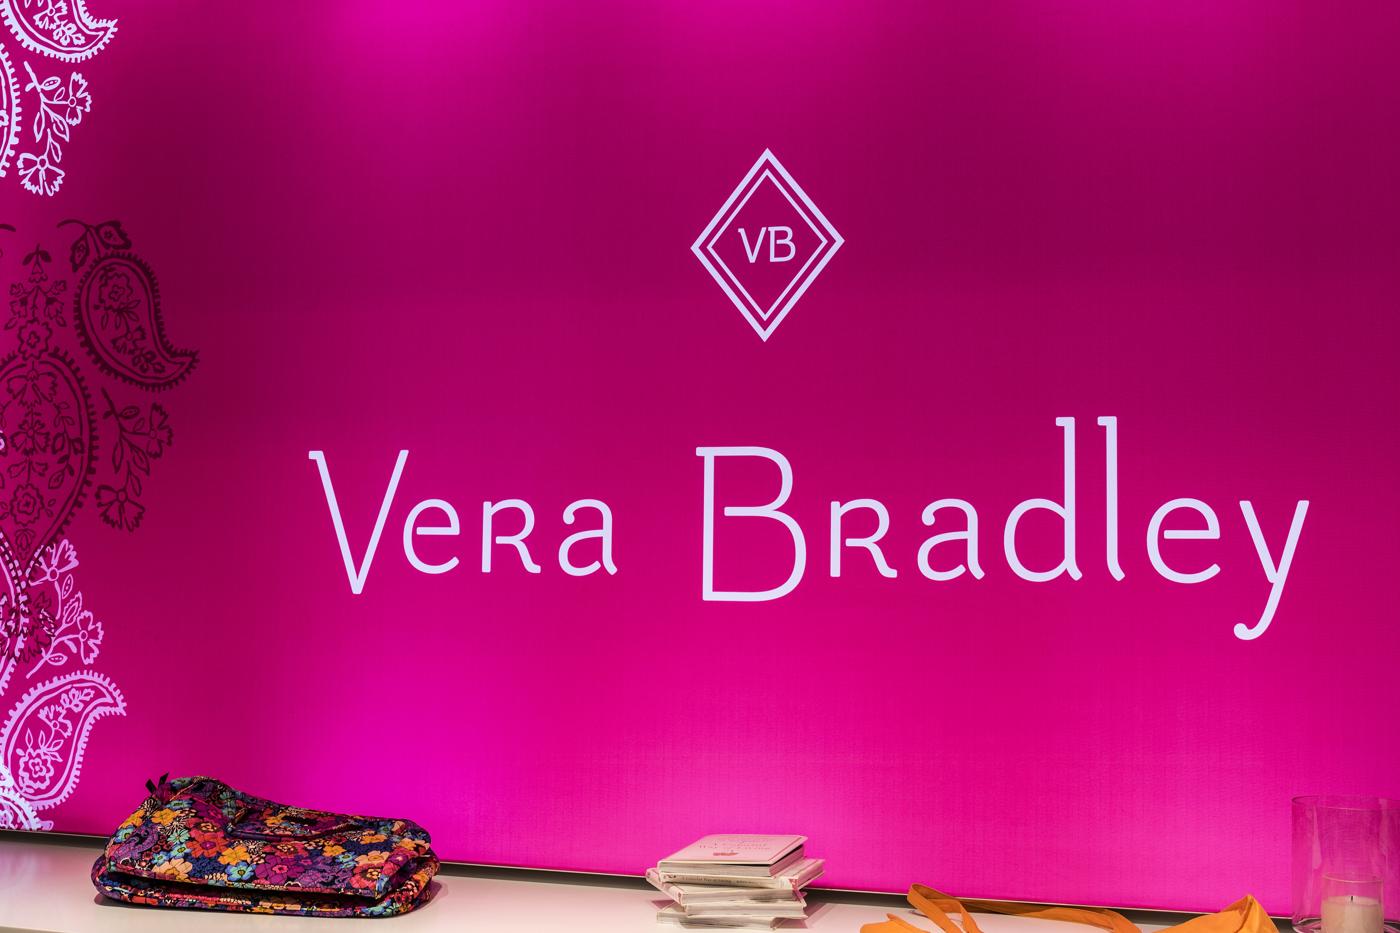 Vera Bradley stock, VRA stock